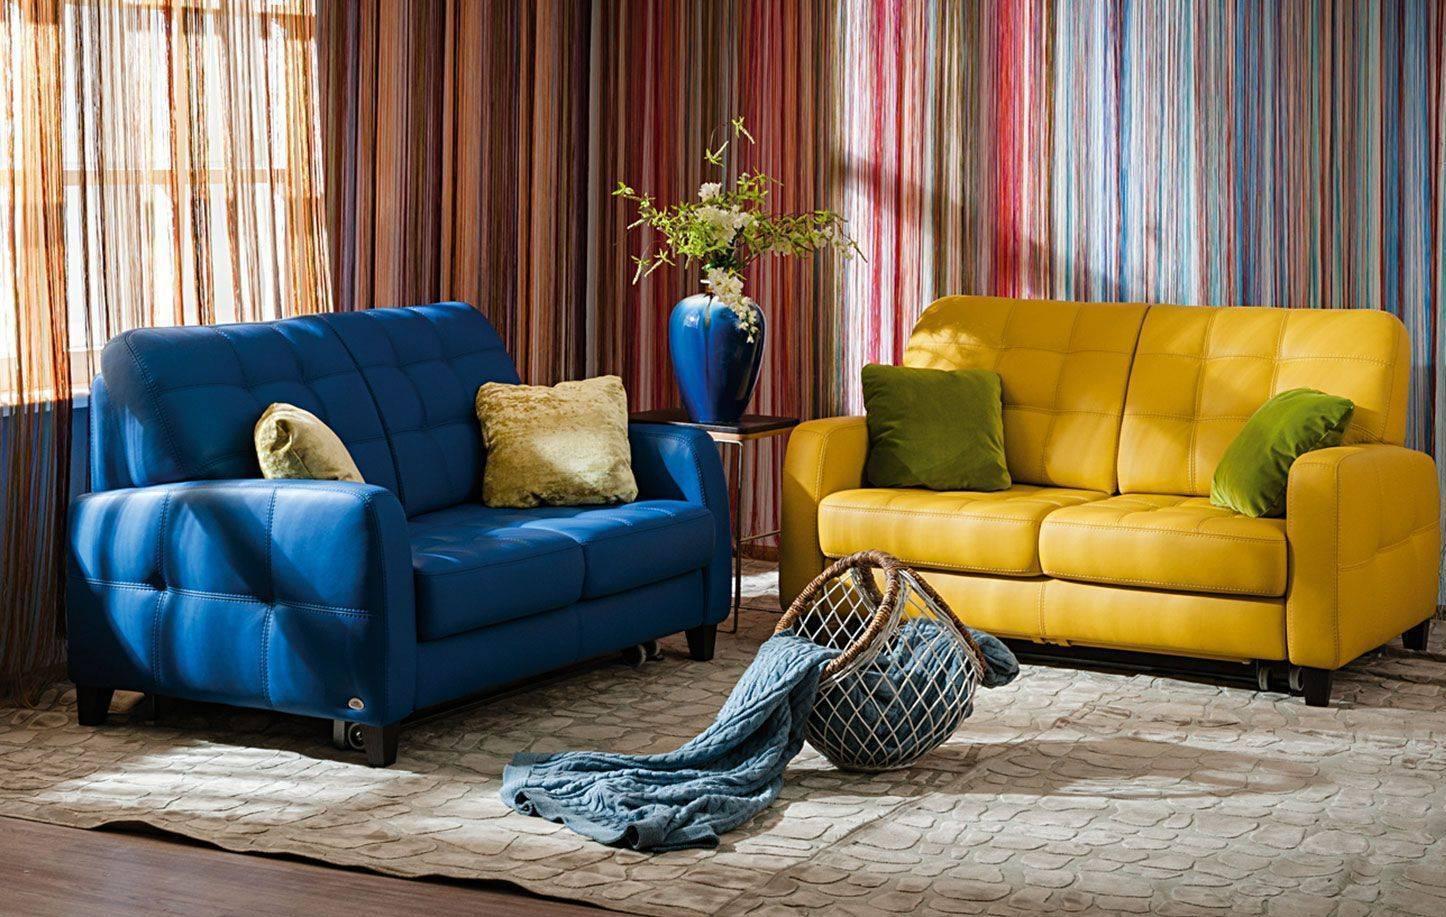 Как подобрать цвет дивана к интерьеру: правила выбора дивана и особенности подбора цвета